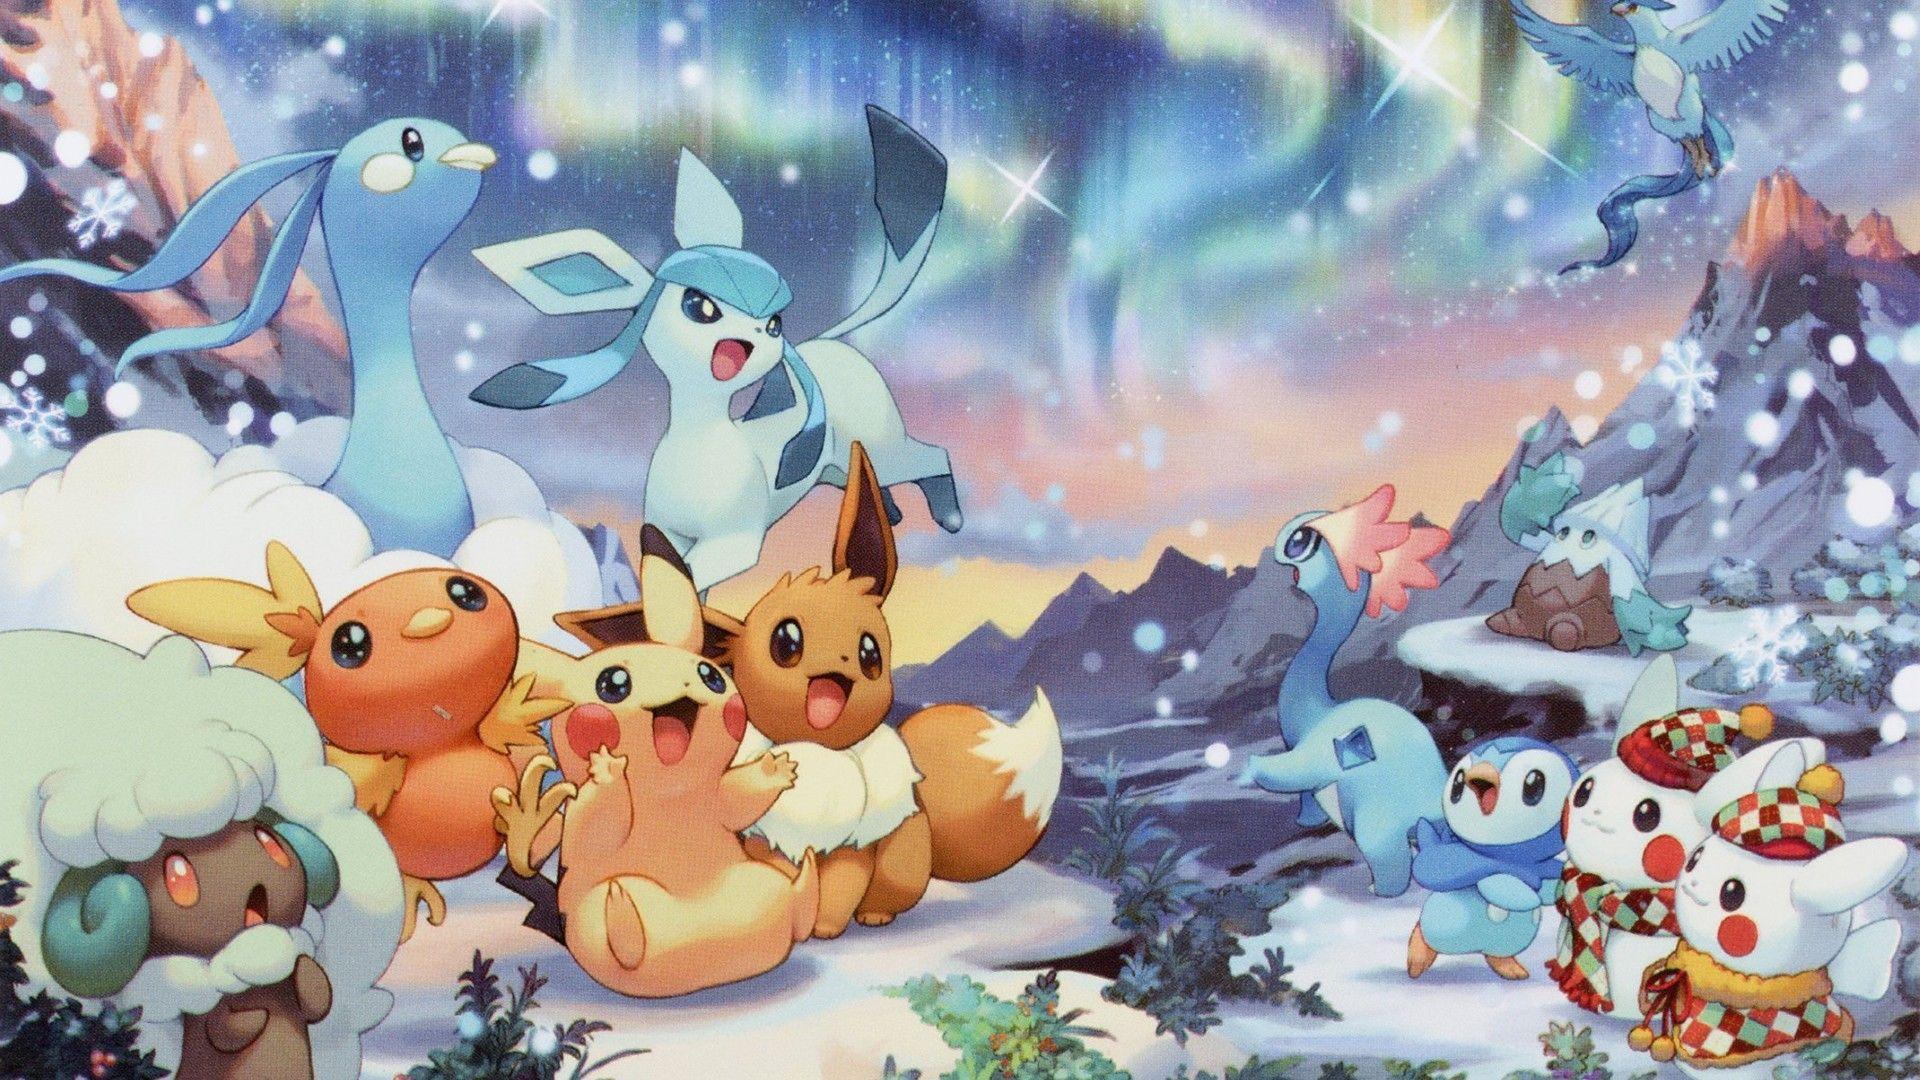 Hd Wallpaper Pokemon 2021 Live Wallpaper Hd Pokemon Backgrounds Cute Pokemon Wallpaper Pikachu Wallpaper